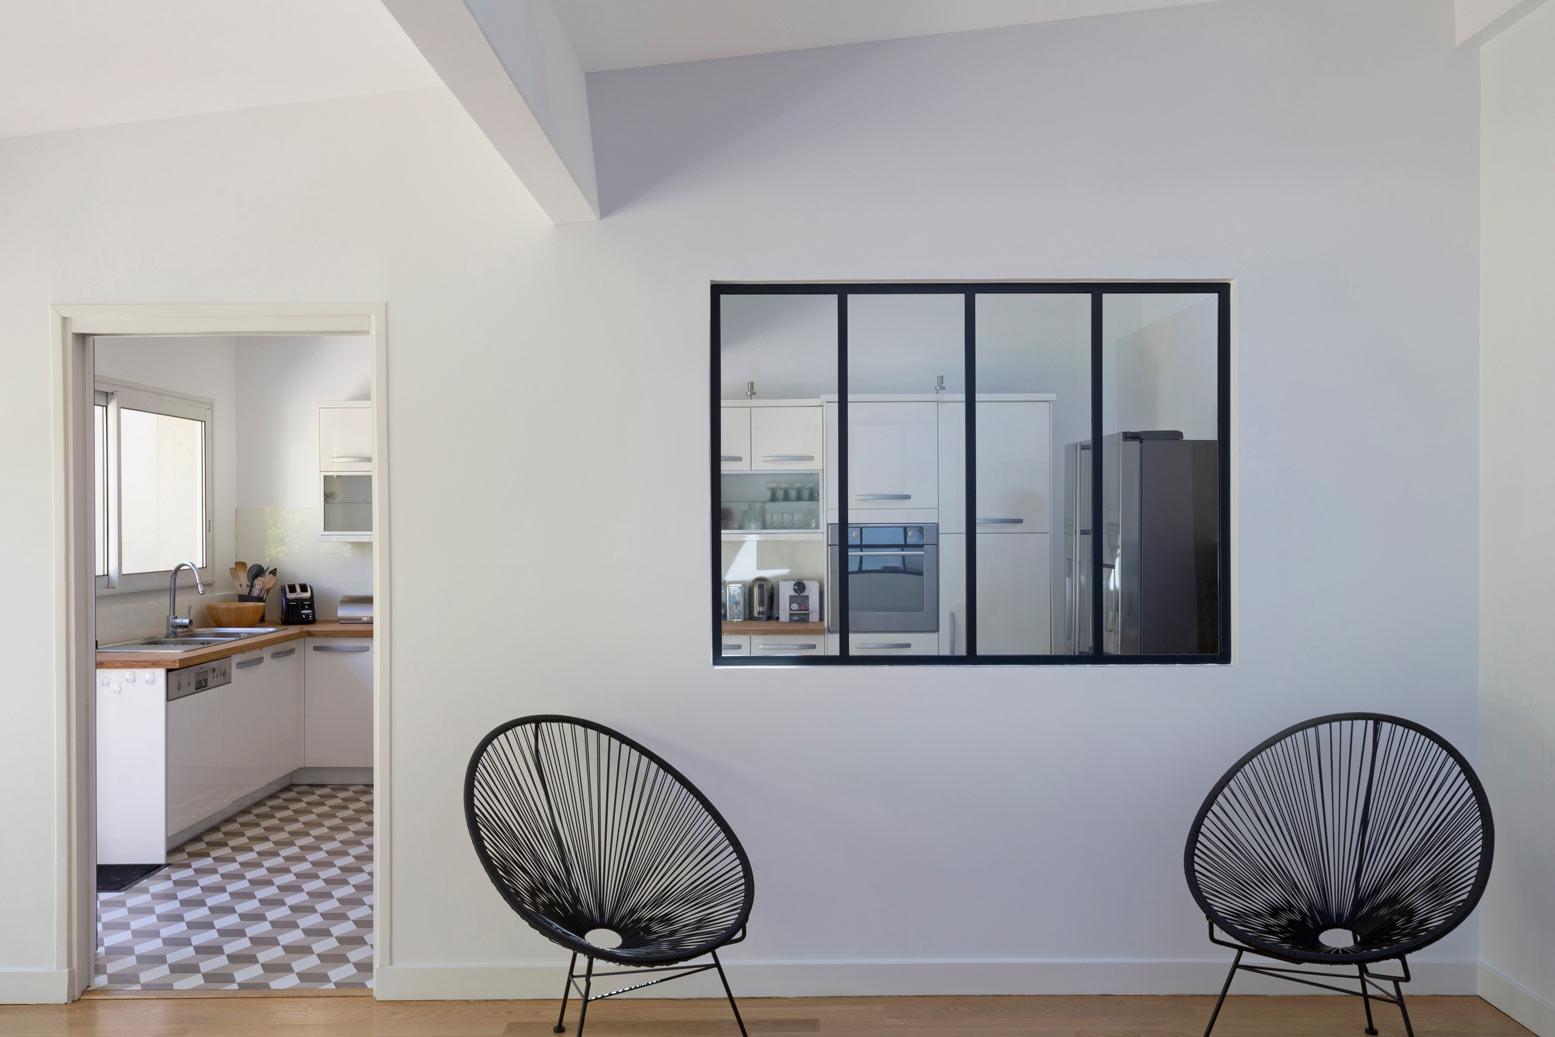 vitre pour cloison interieure jpg with vitre pour cloison interieure cheap vitre pour cloison. Black Bedroom Furniture Sets. Home Design Ideas